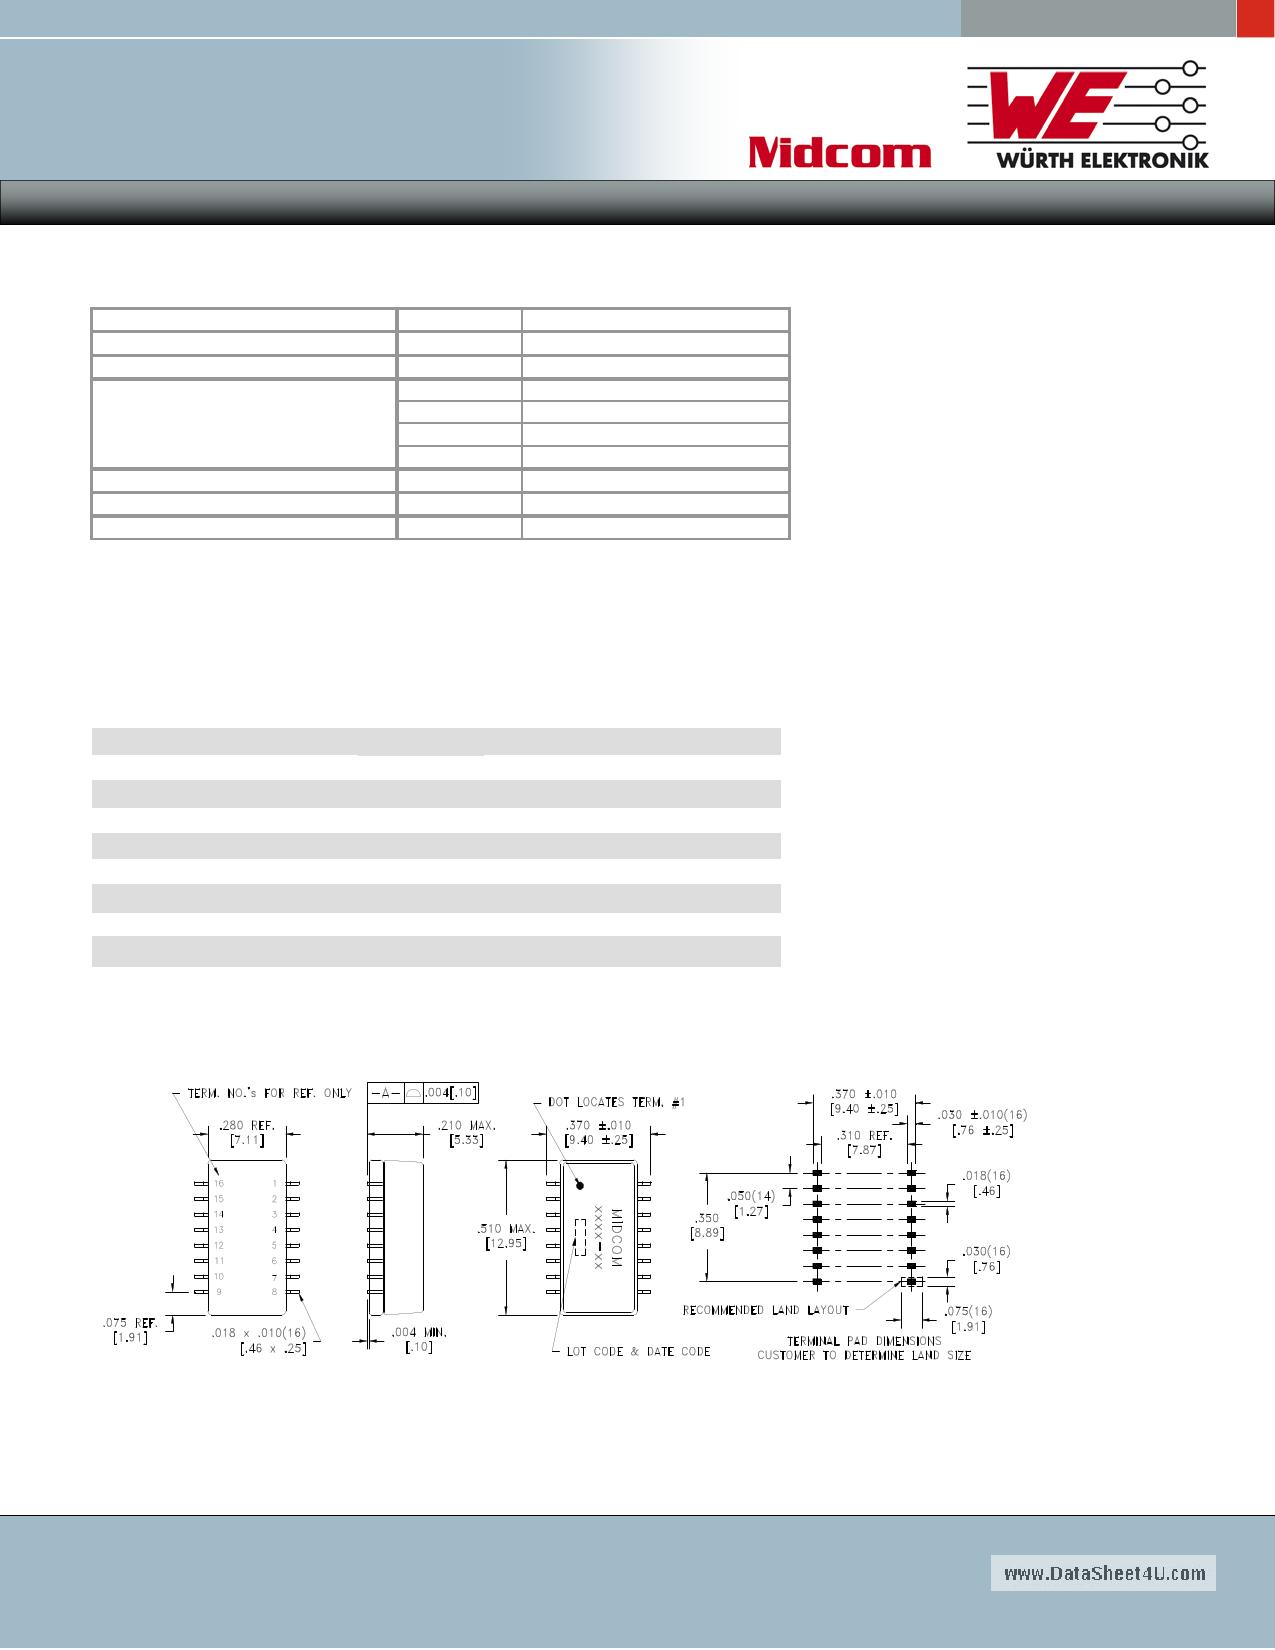 000-7317-37 datasheet